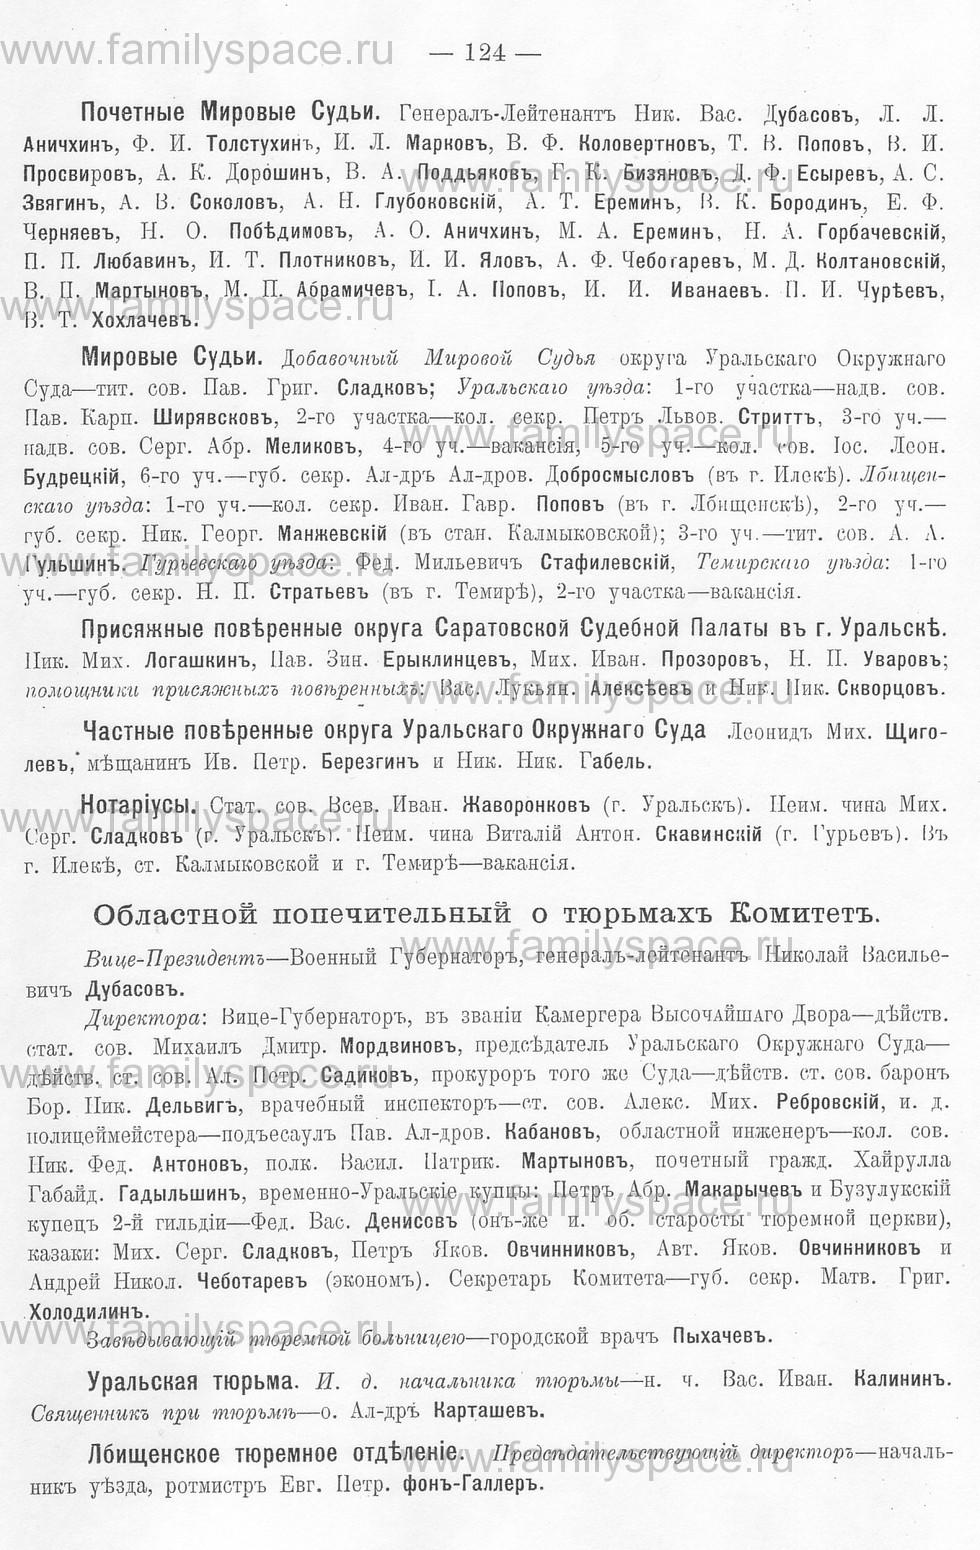 Поиск по фамилии - Памятная книжка Уральской области на 1913 год, страница 124